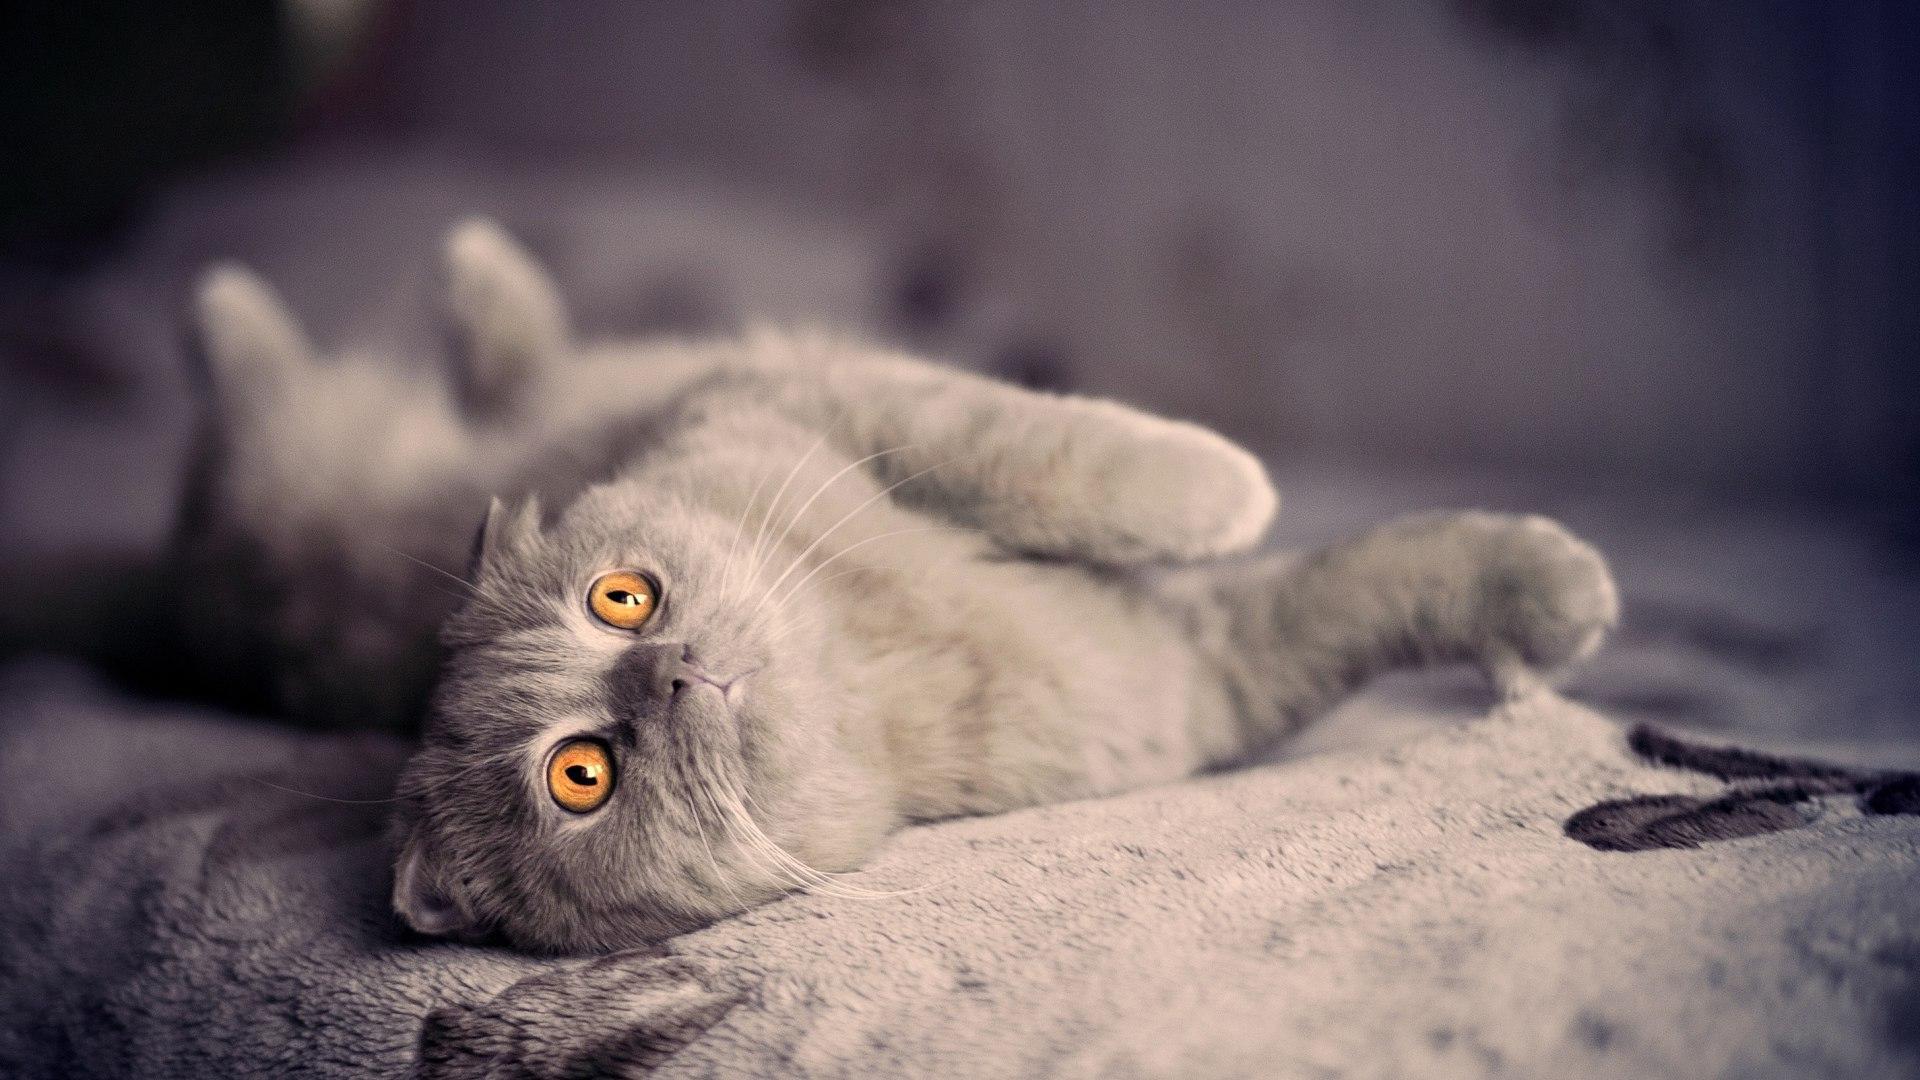 Шотландский вислоухий кот, заставка на айфон животные, 1920 на 1080 пикселей